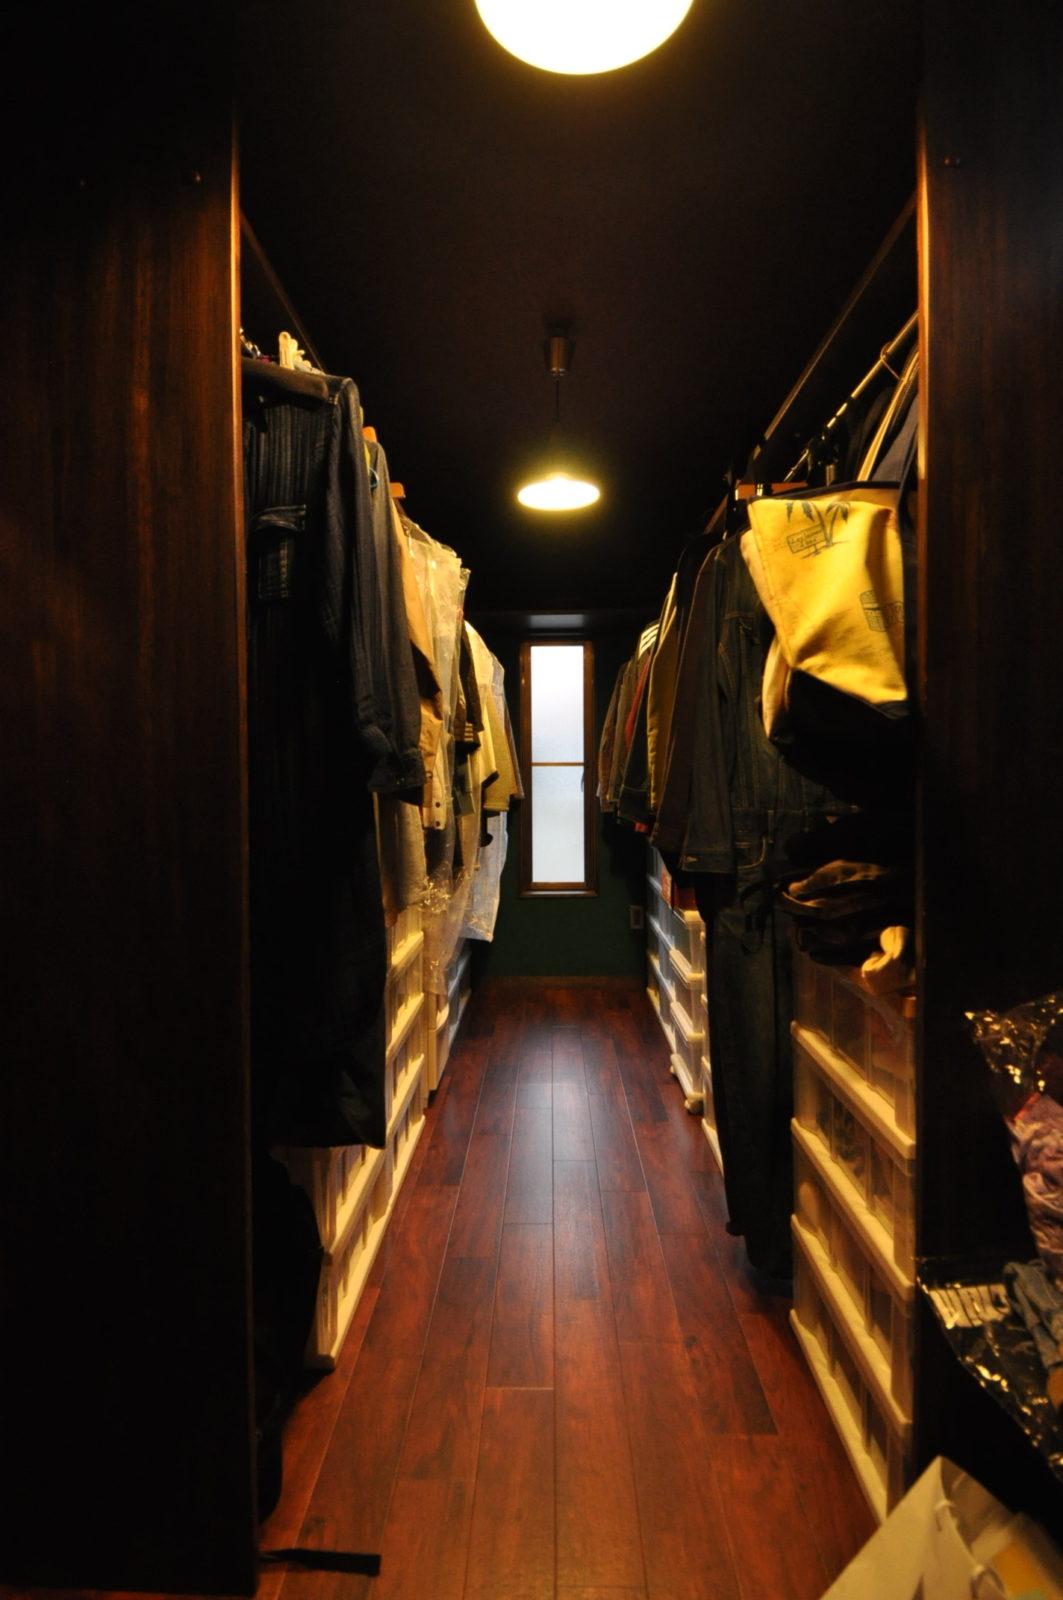 【納戸】造作洋服掛け、床フロアタイル